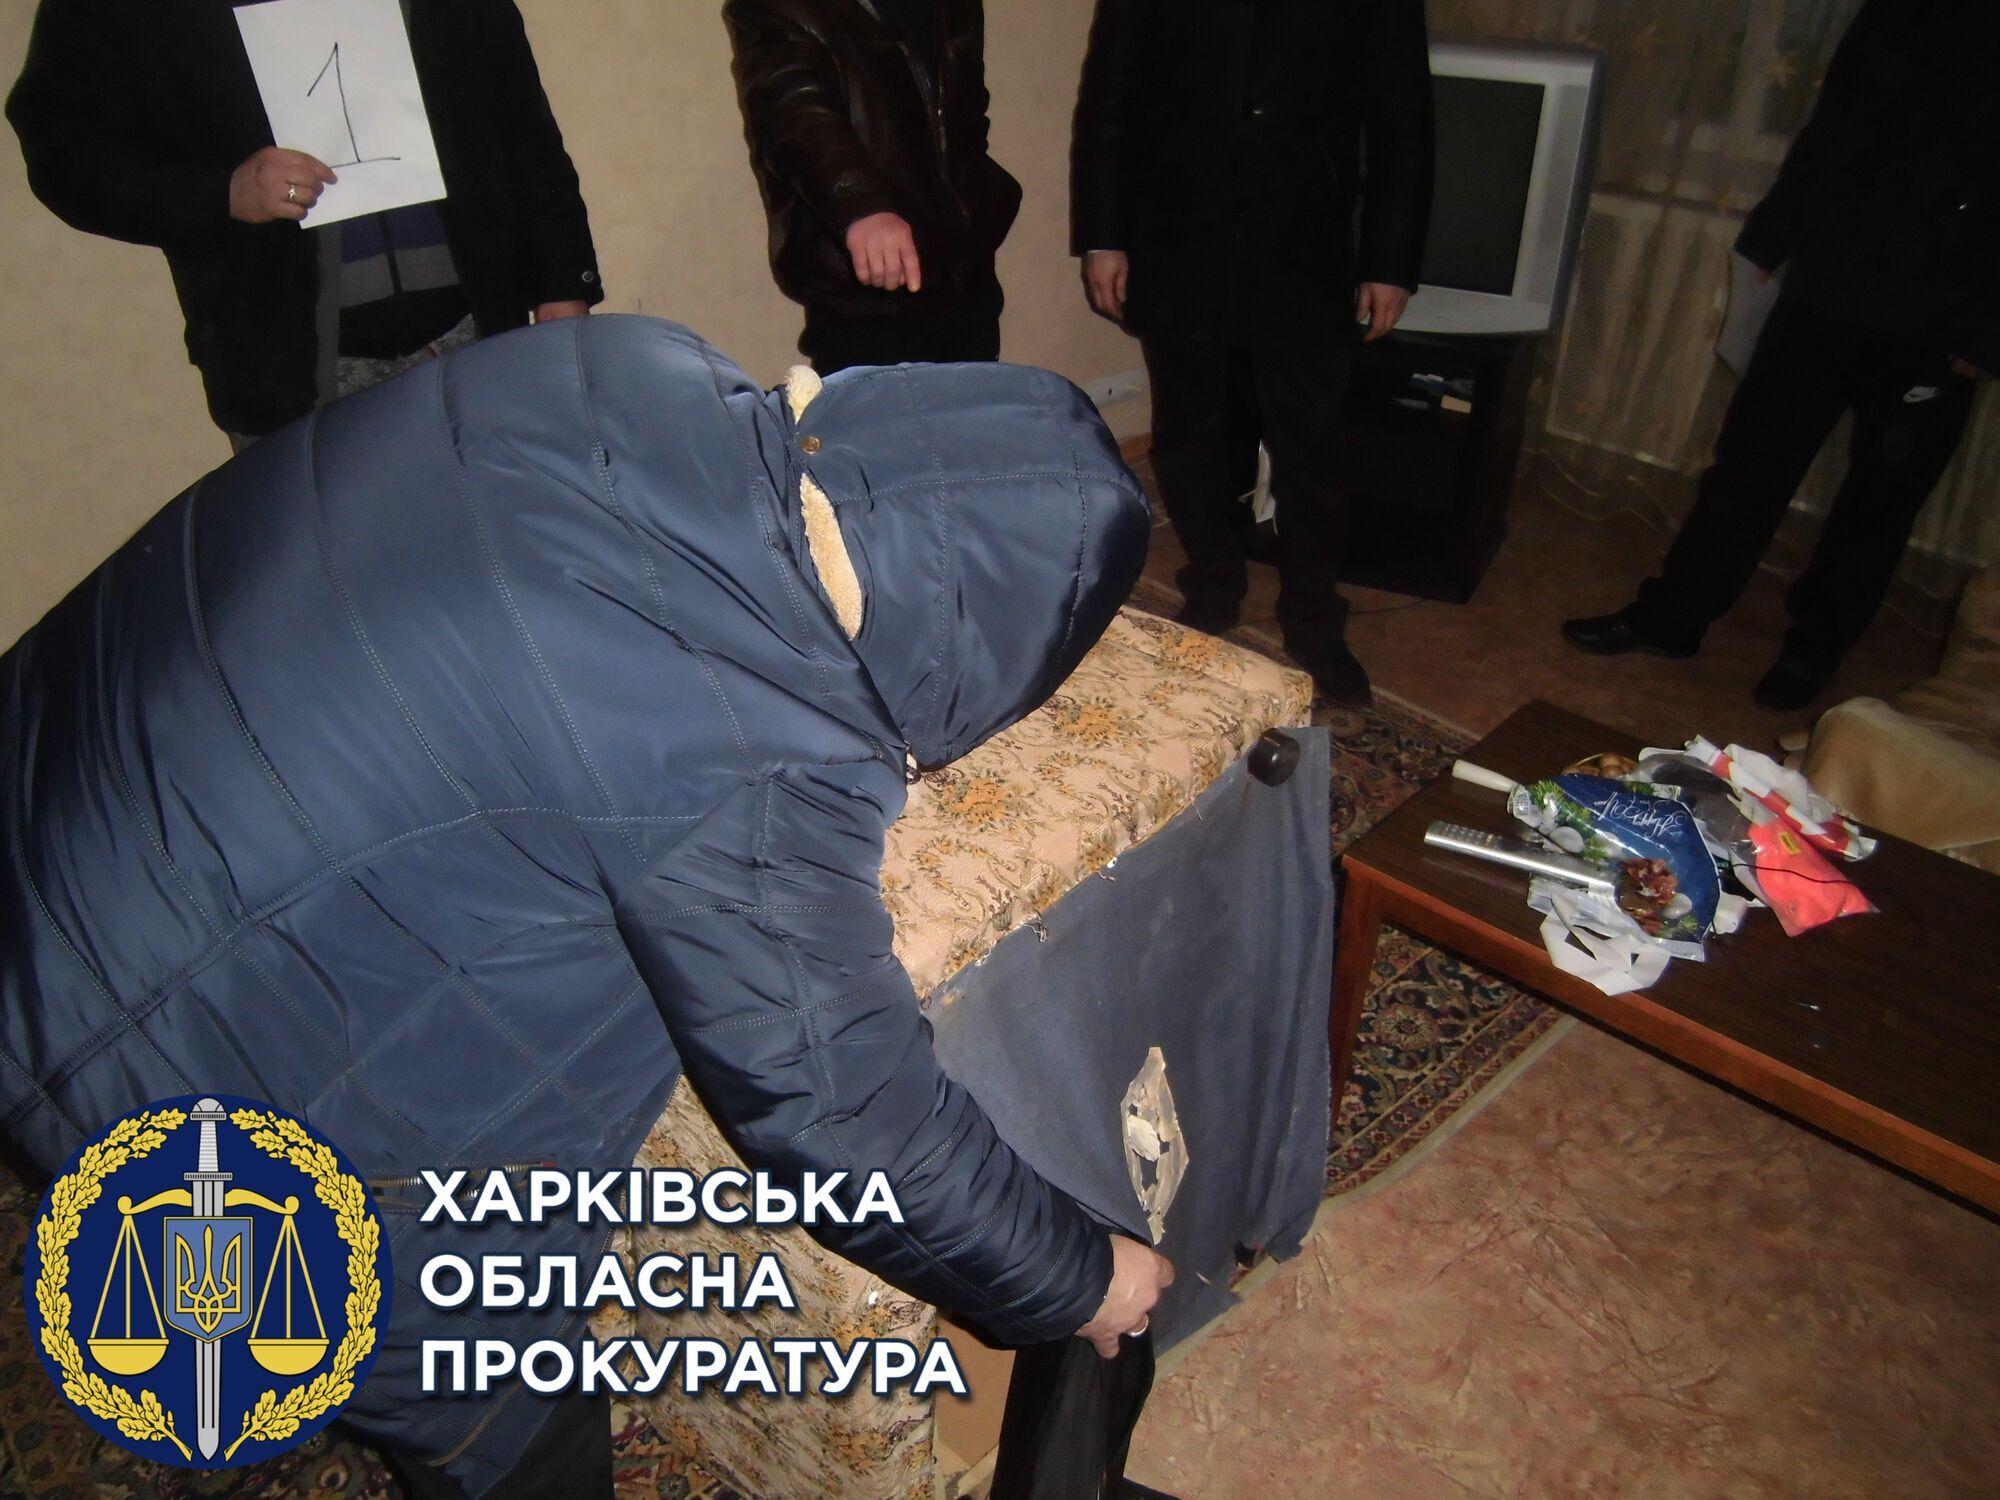 Правоохранителей задержали и отправили за решетку